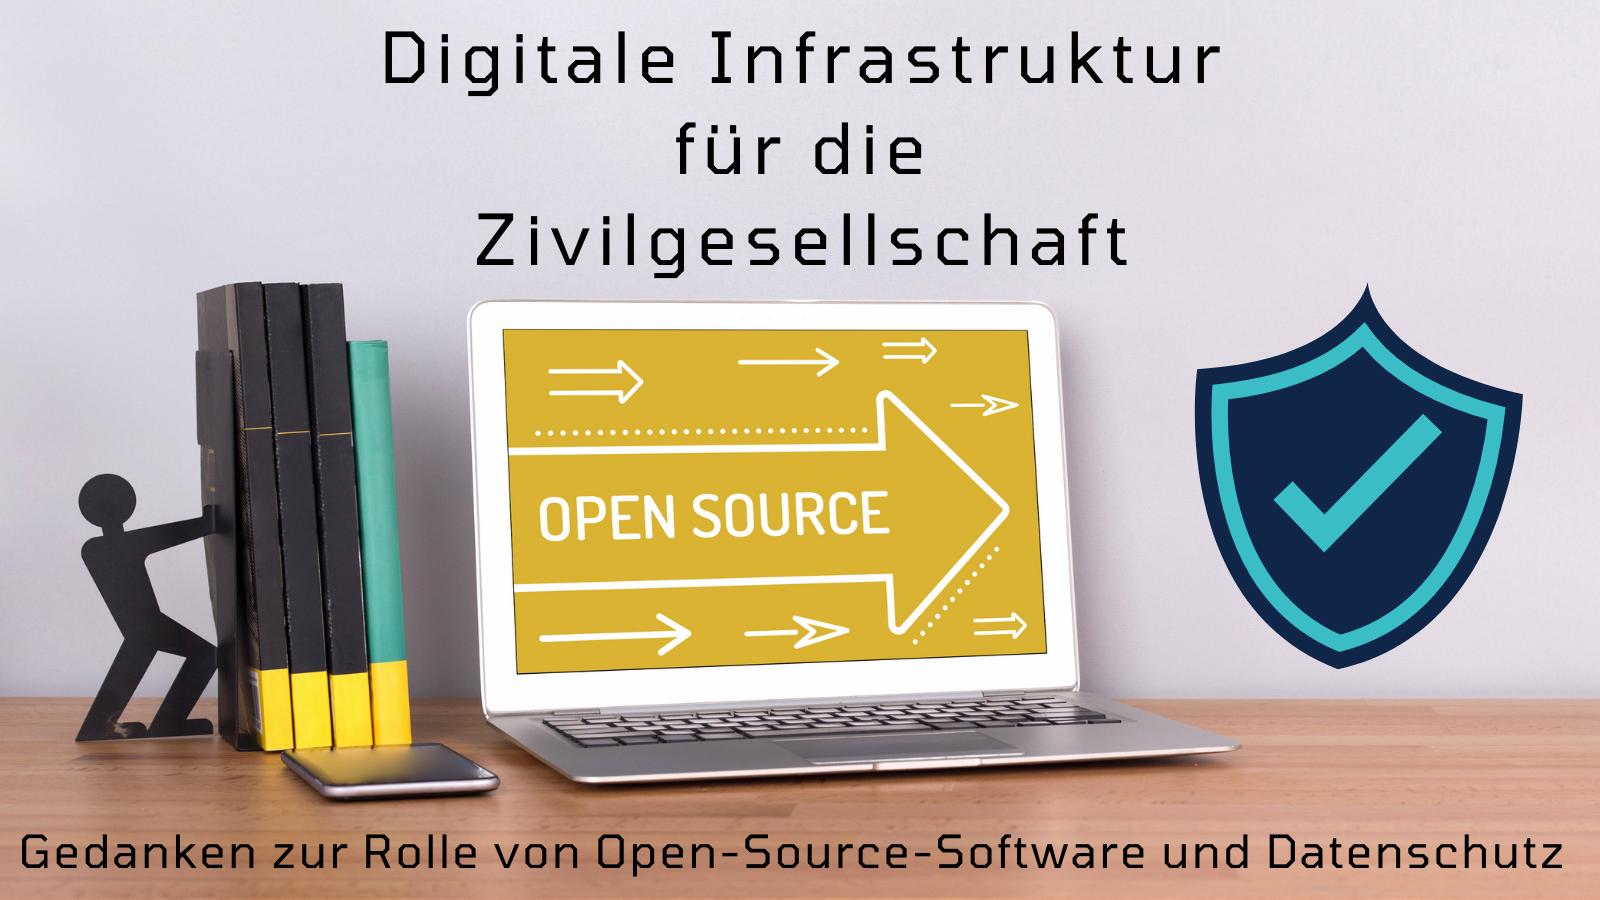 Digitale Infrastruktur für die Zivilgesellschaft – Gedanken zur Rolle von Open-Source-Software und Datenschutz